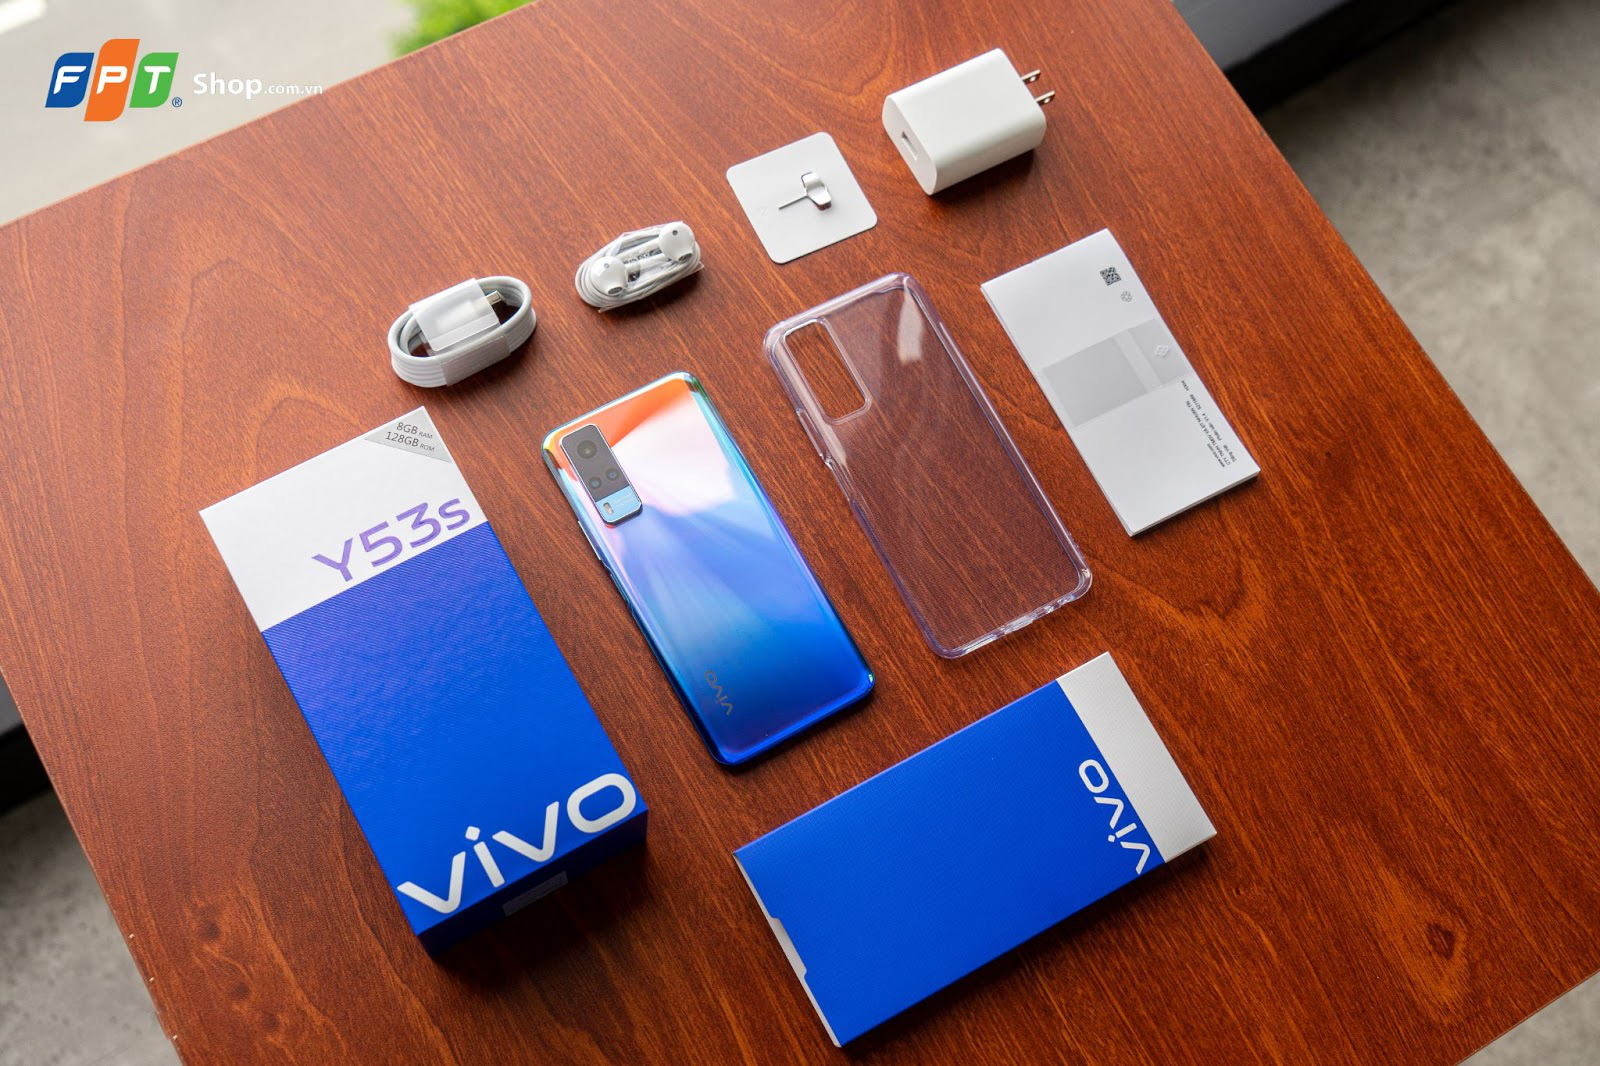 FPT Shop giảm 300.000 đồng và giao hàng tận nơi cho khách hàng sở hữu vivo Y53s - Ảnh 2.